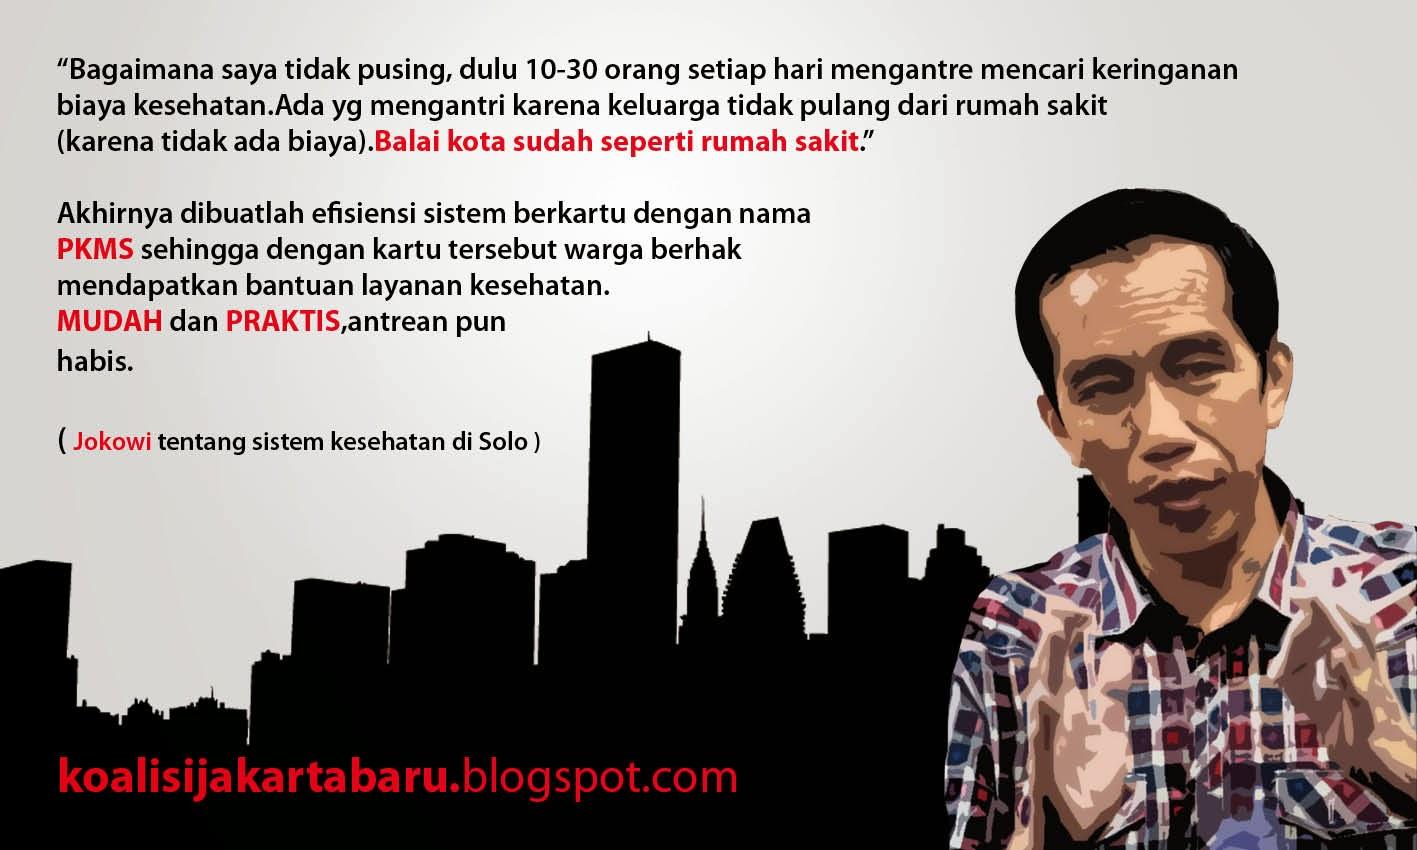 Segelas Kopi Celup Hangat Tokoh Tokoh Di Indonesia Dan Pemikiran